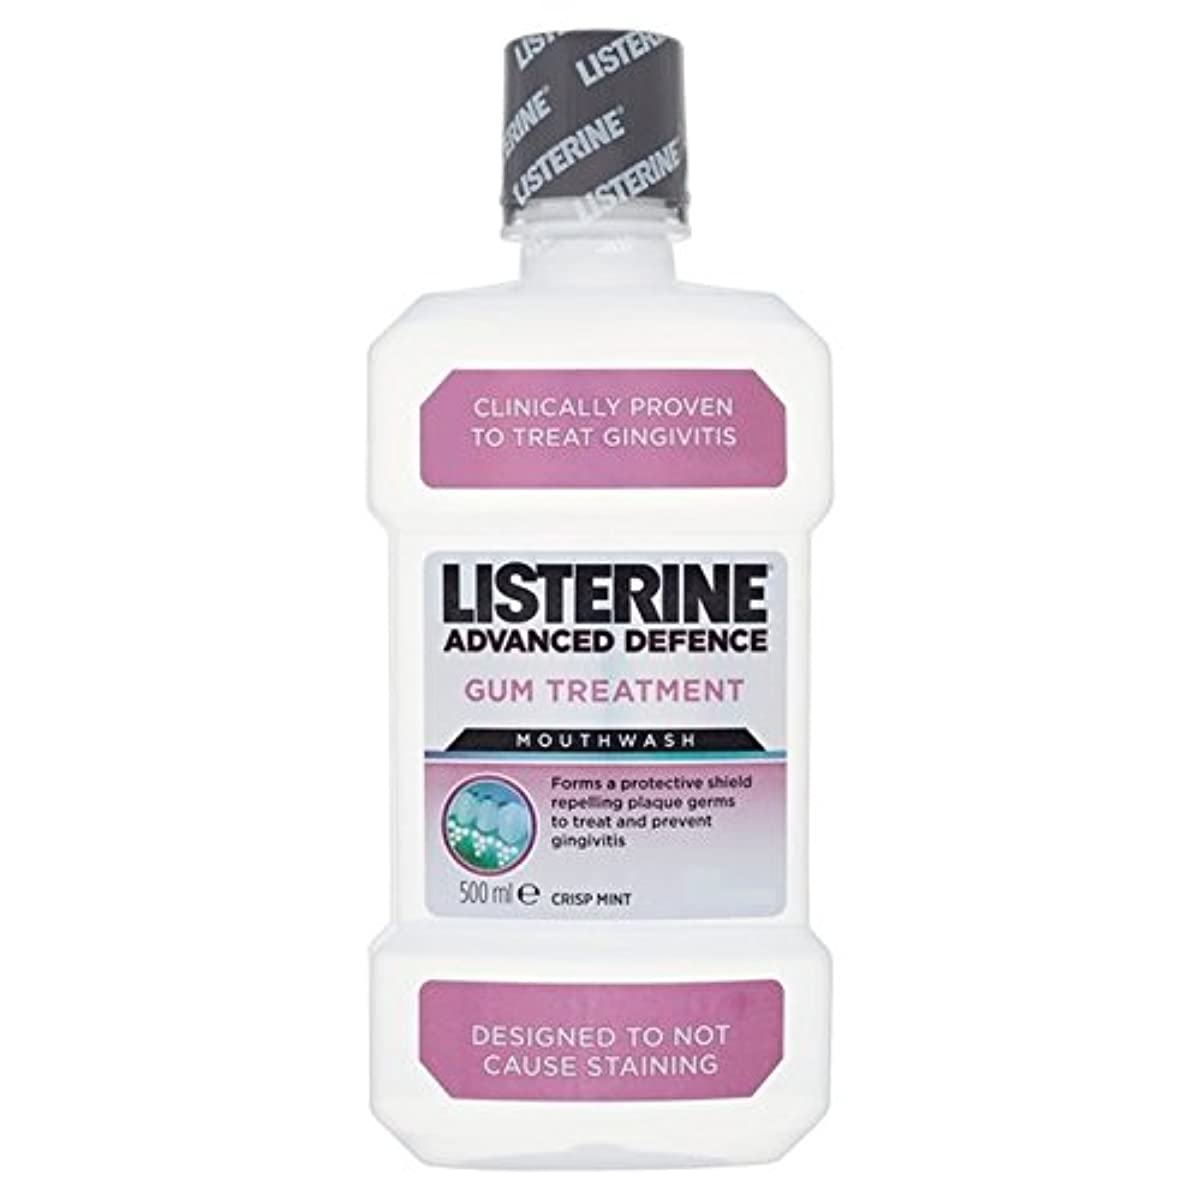 リステリン高度な防衛ガム療法の500ミリリットル x2 - Listerine Advanced Defence Gum Therapy 500ml (Pack of 2) [並行輸入品]